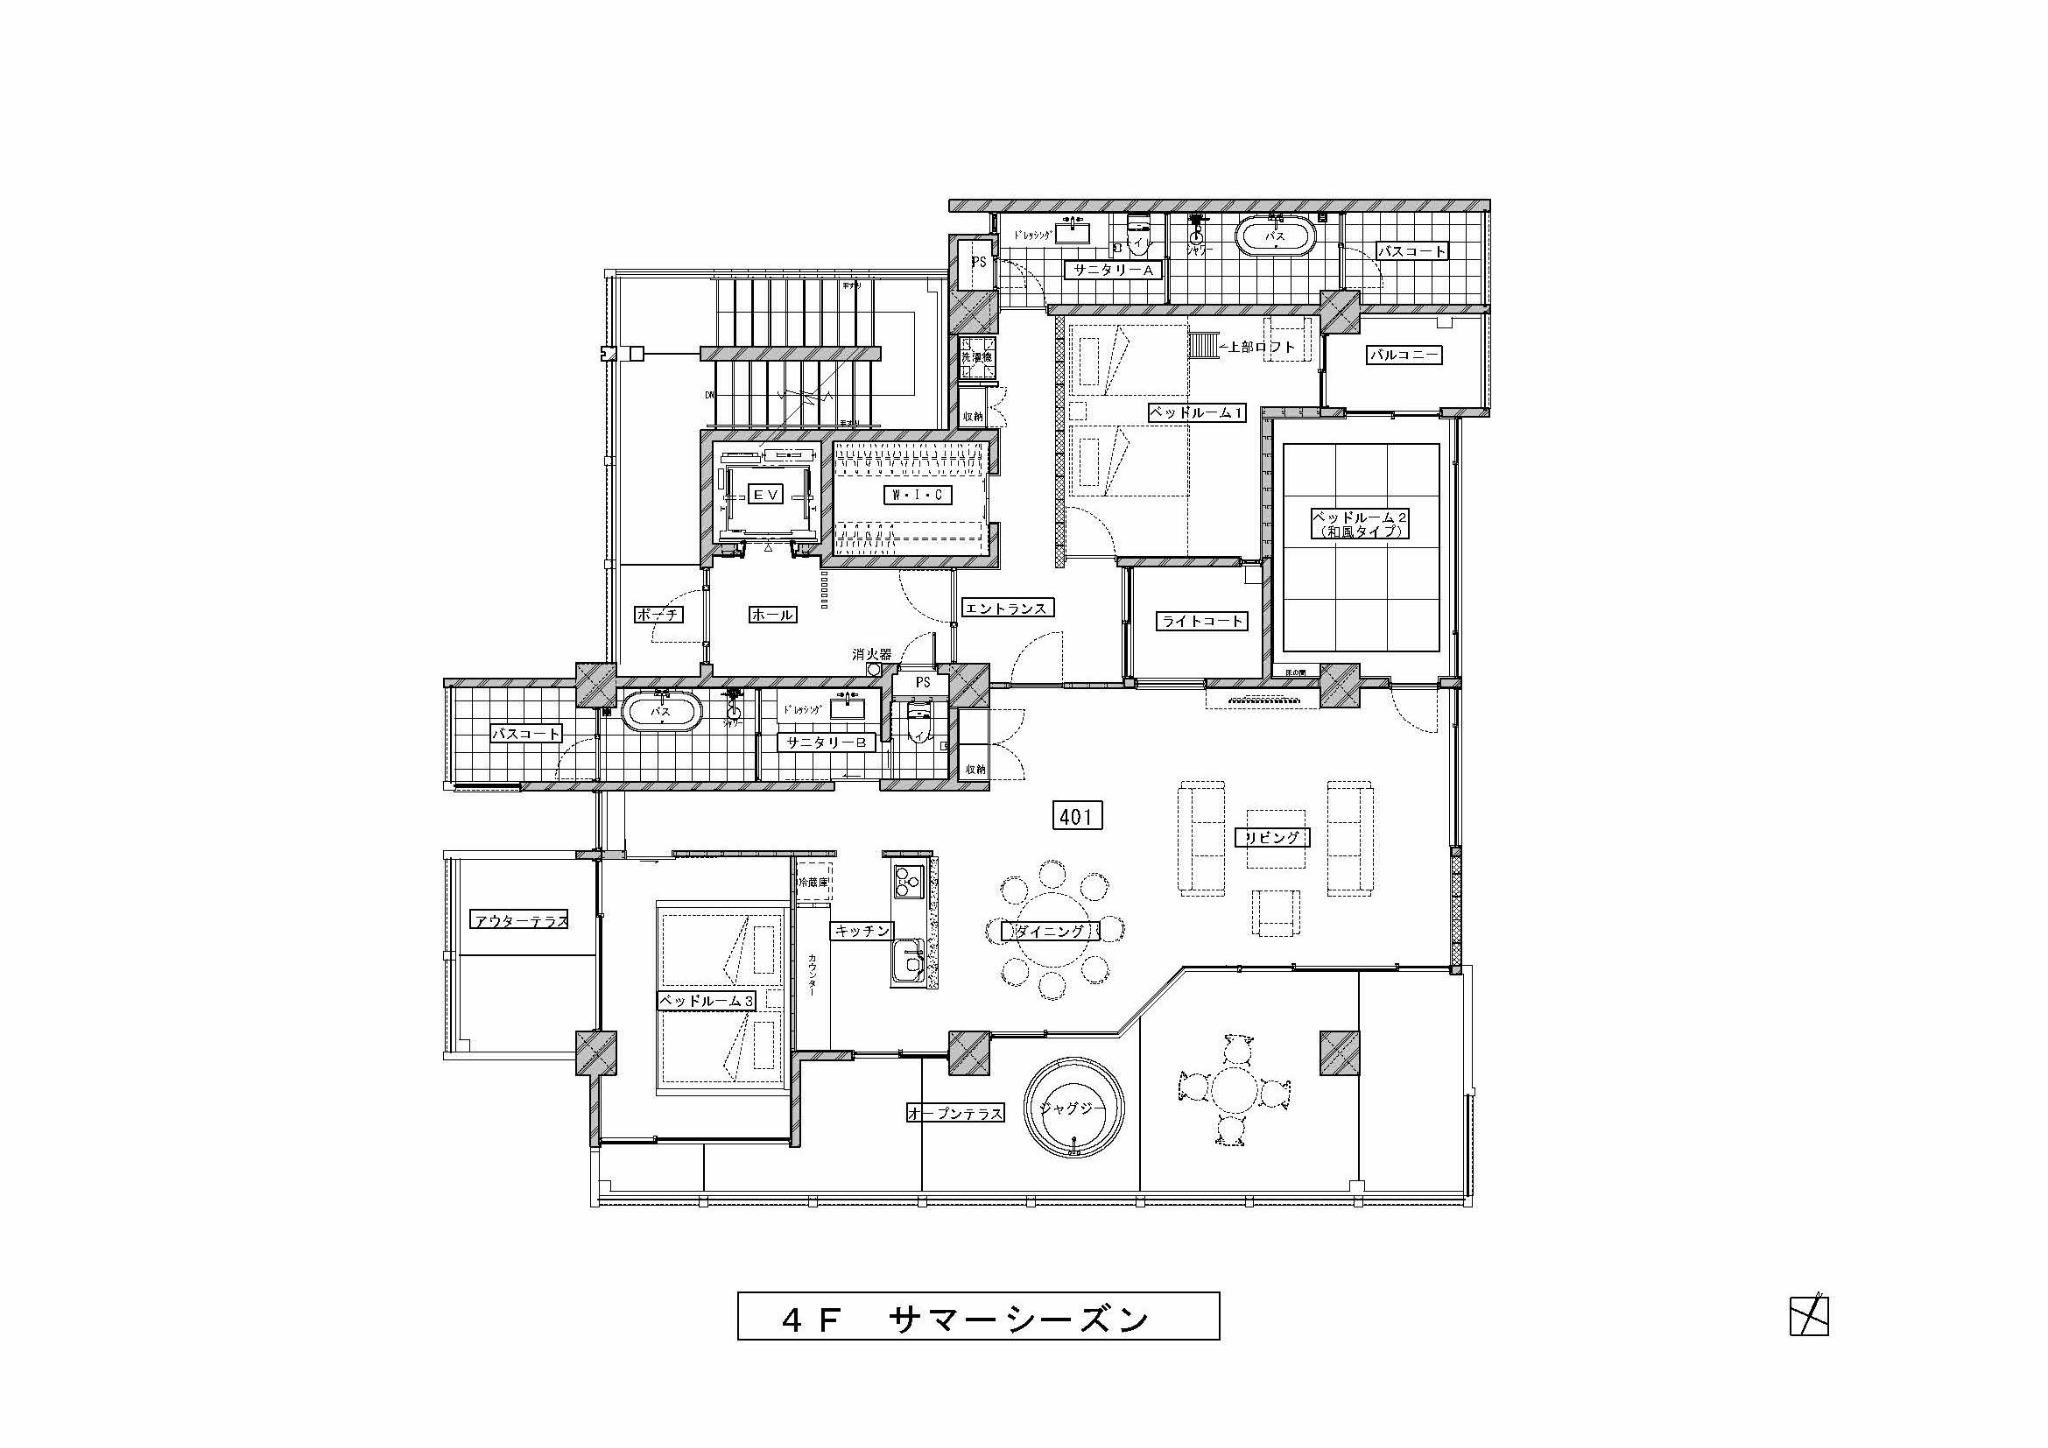 秘密の隠れ家!琉球畳やロフト付き!高台で優雅にジャグジー!4F夏のお部屋